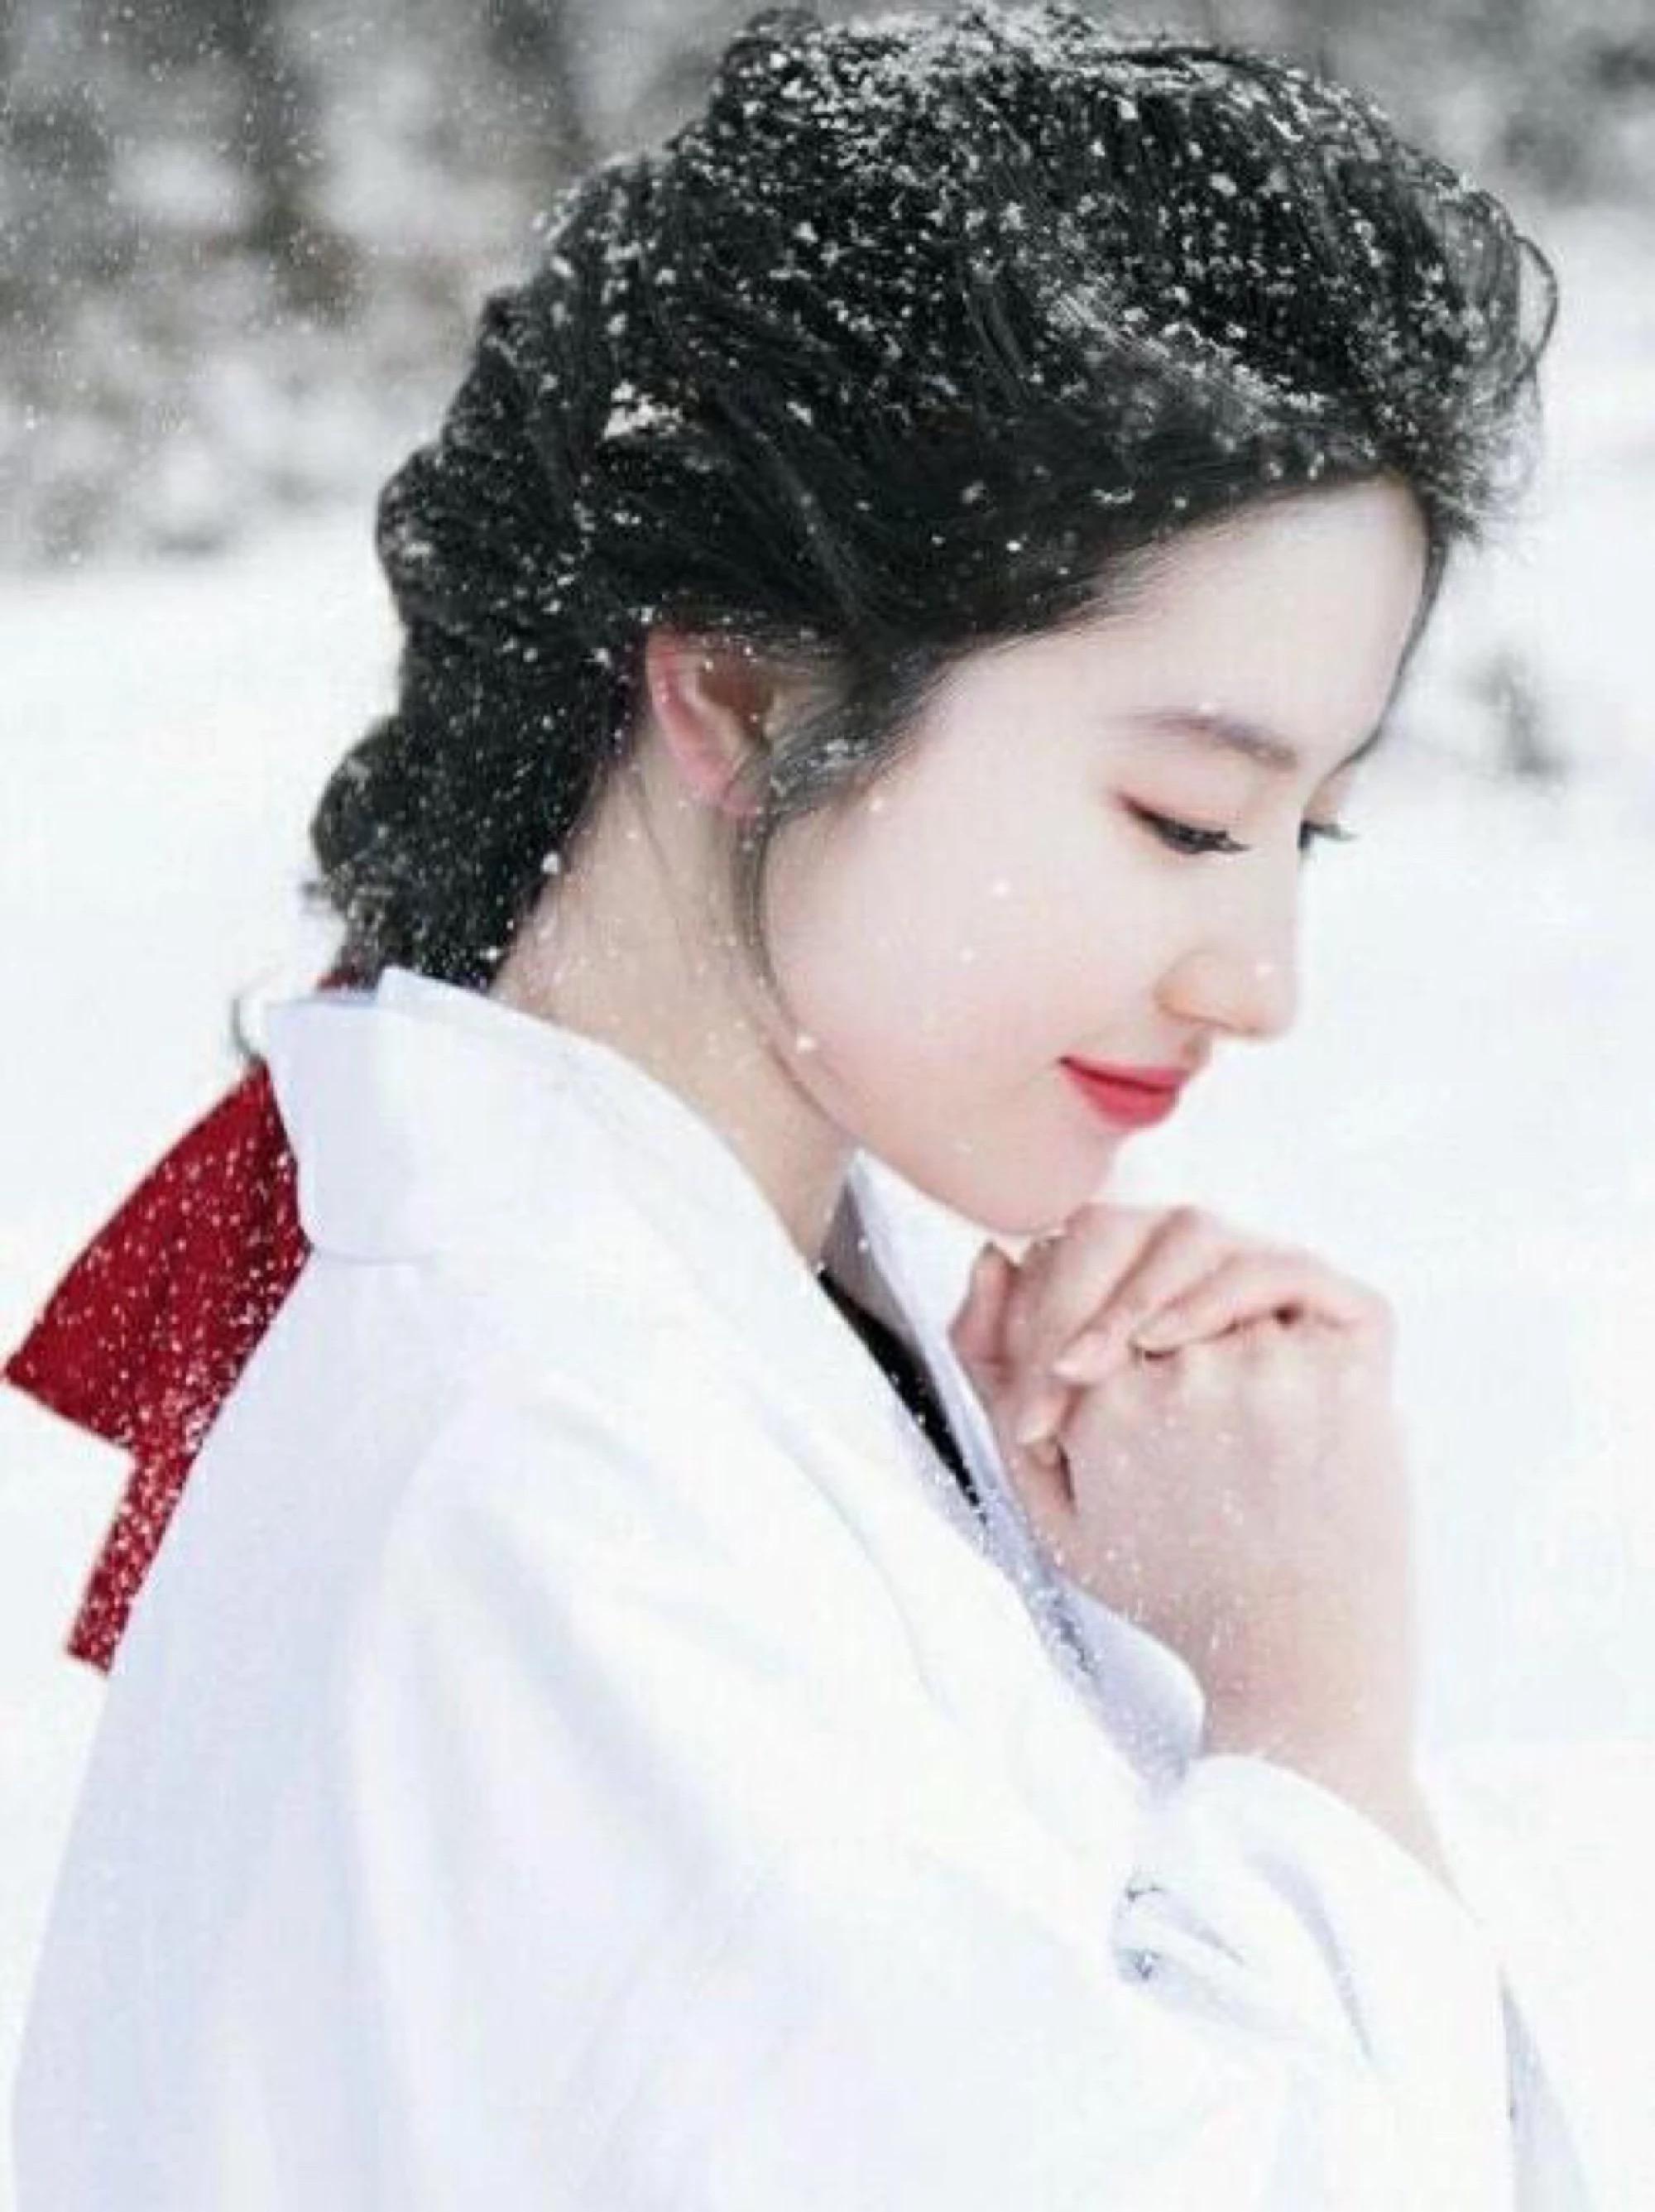 两大女神李沁和刘亦菲同框,感觉这次神仙姐姐颜值被艳压了